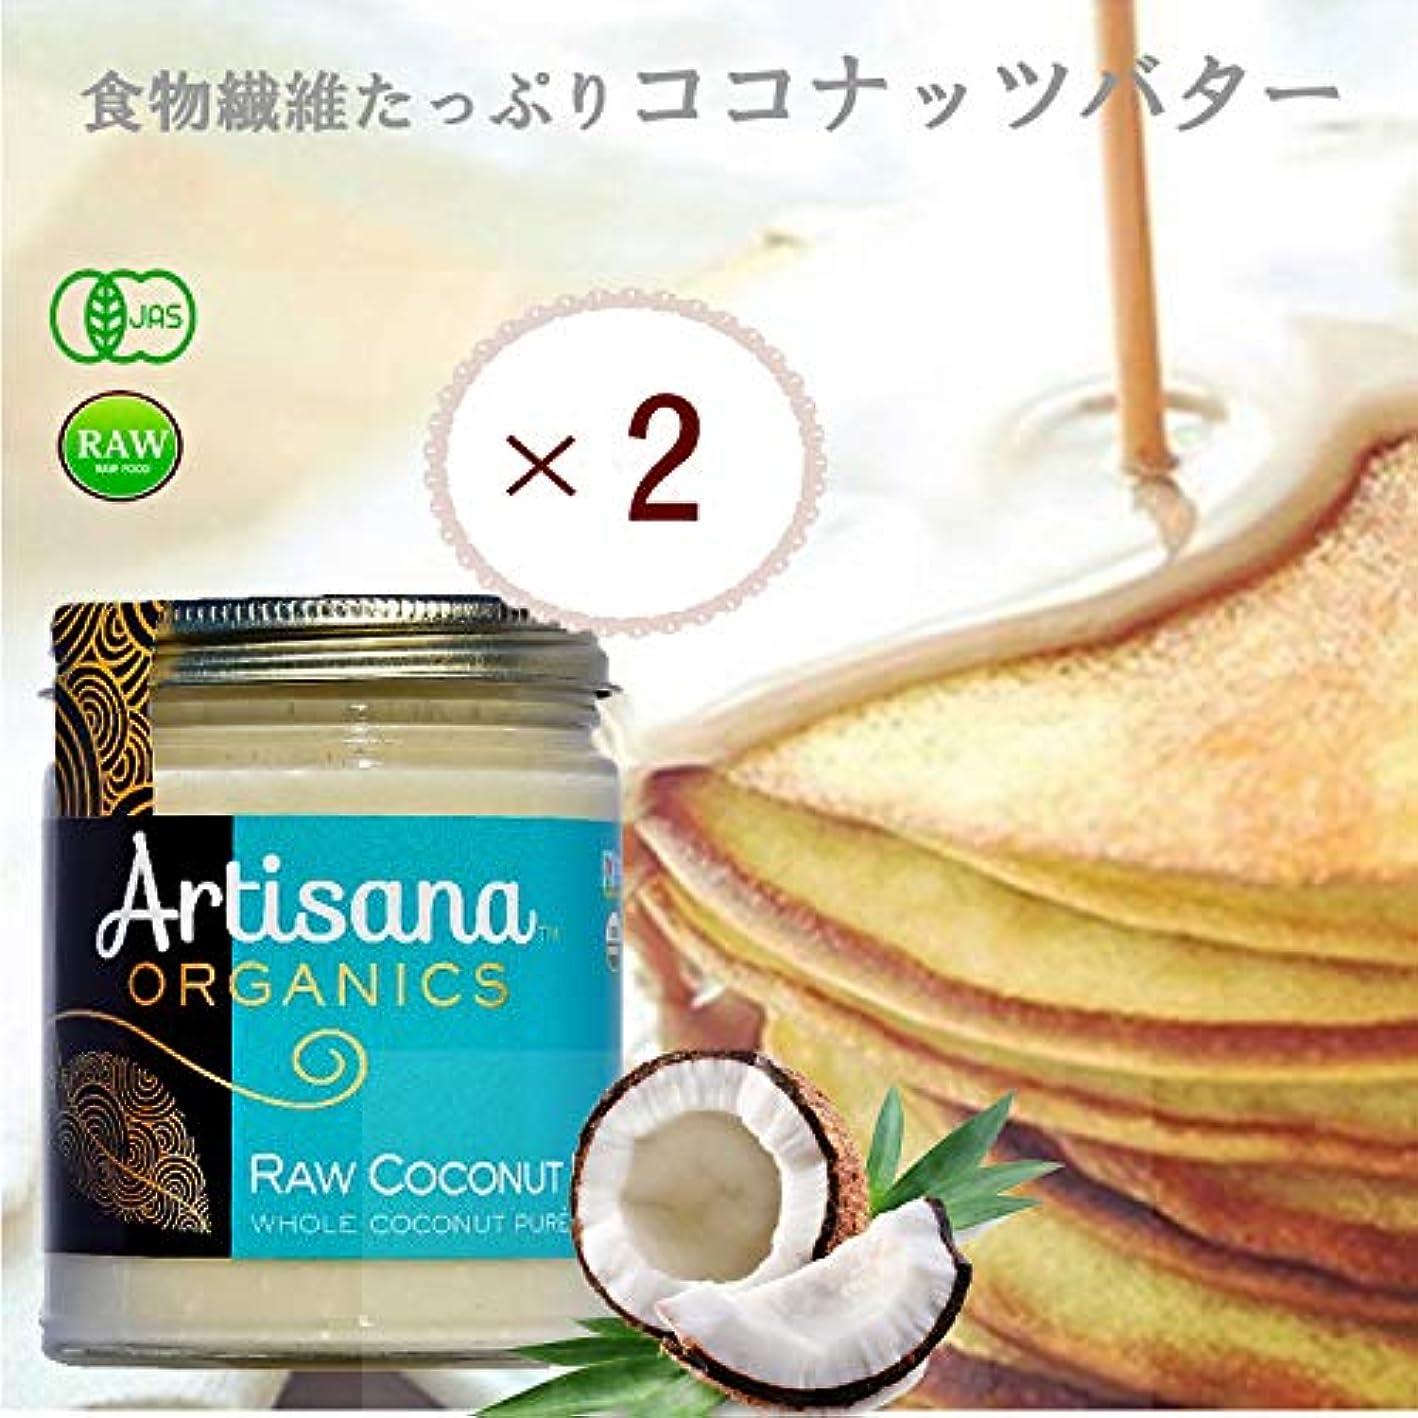 ペルソナ超えるストッキングココナッツバター オーガニック 2個セット